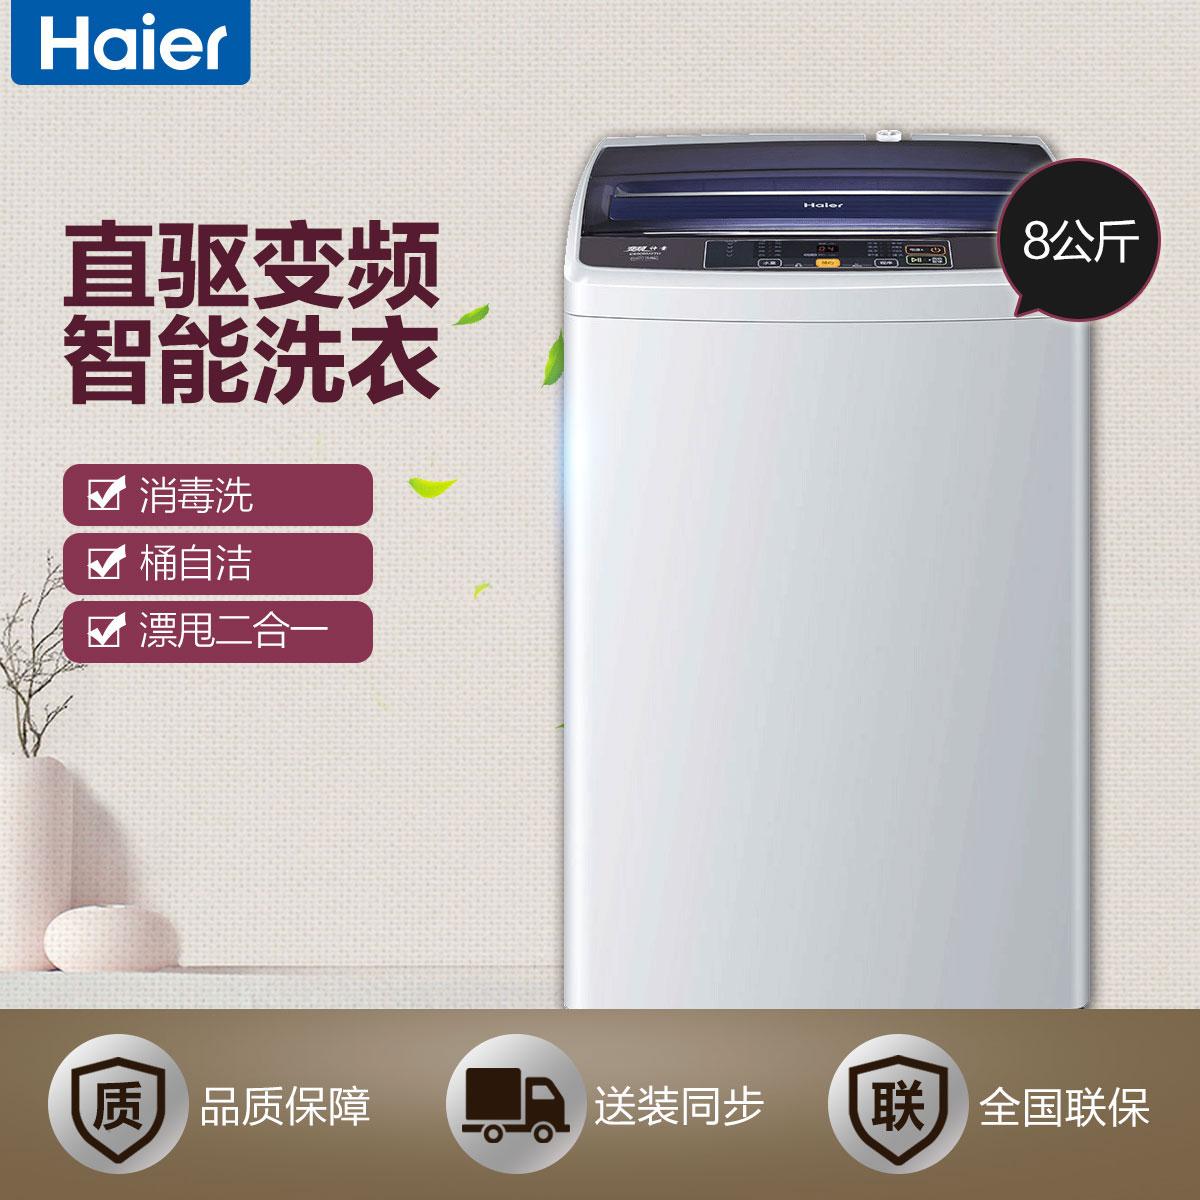 Haier/海尔 波轮洗衣机 EB80BM2TH